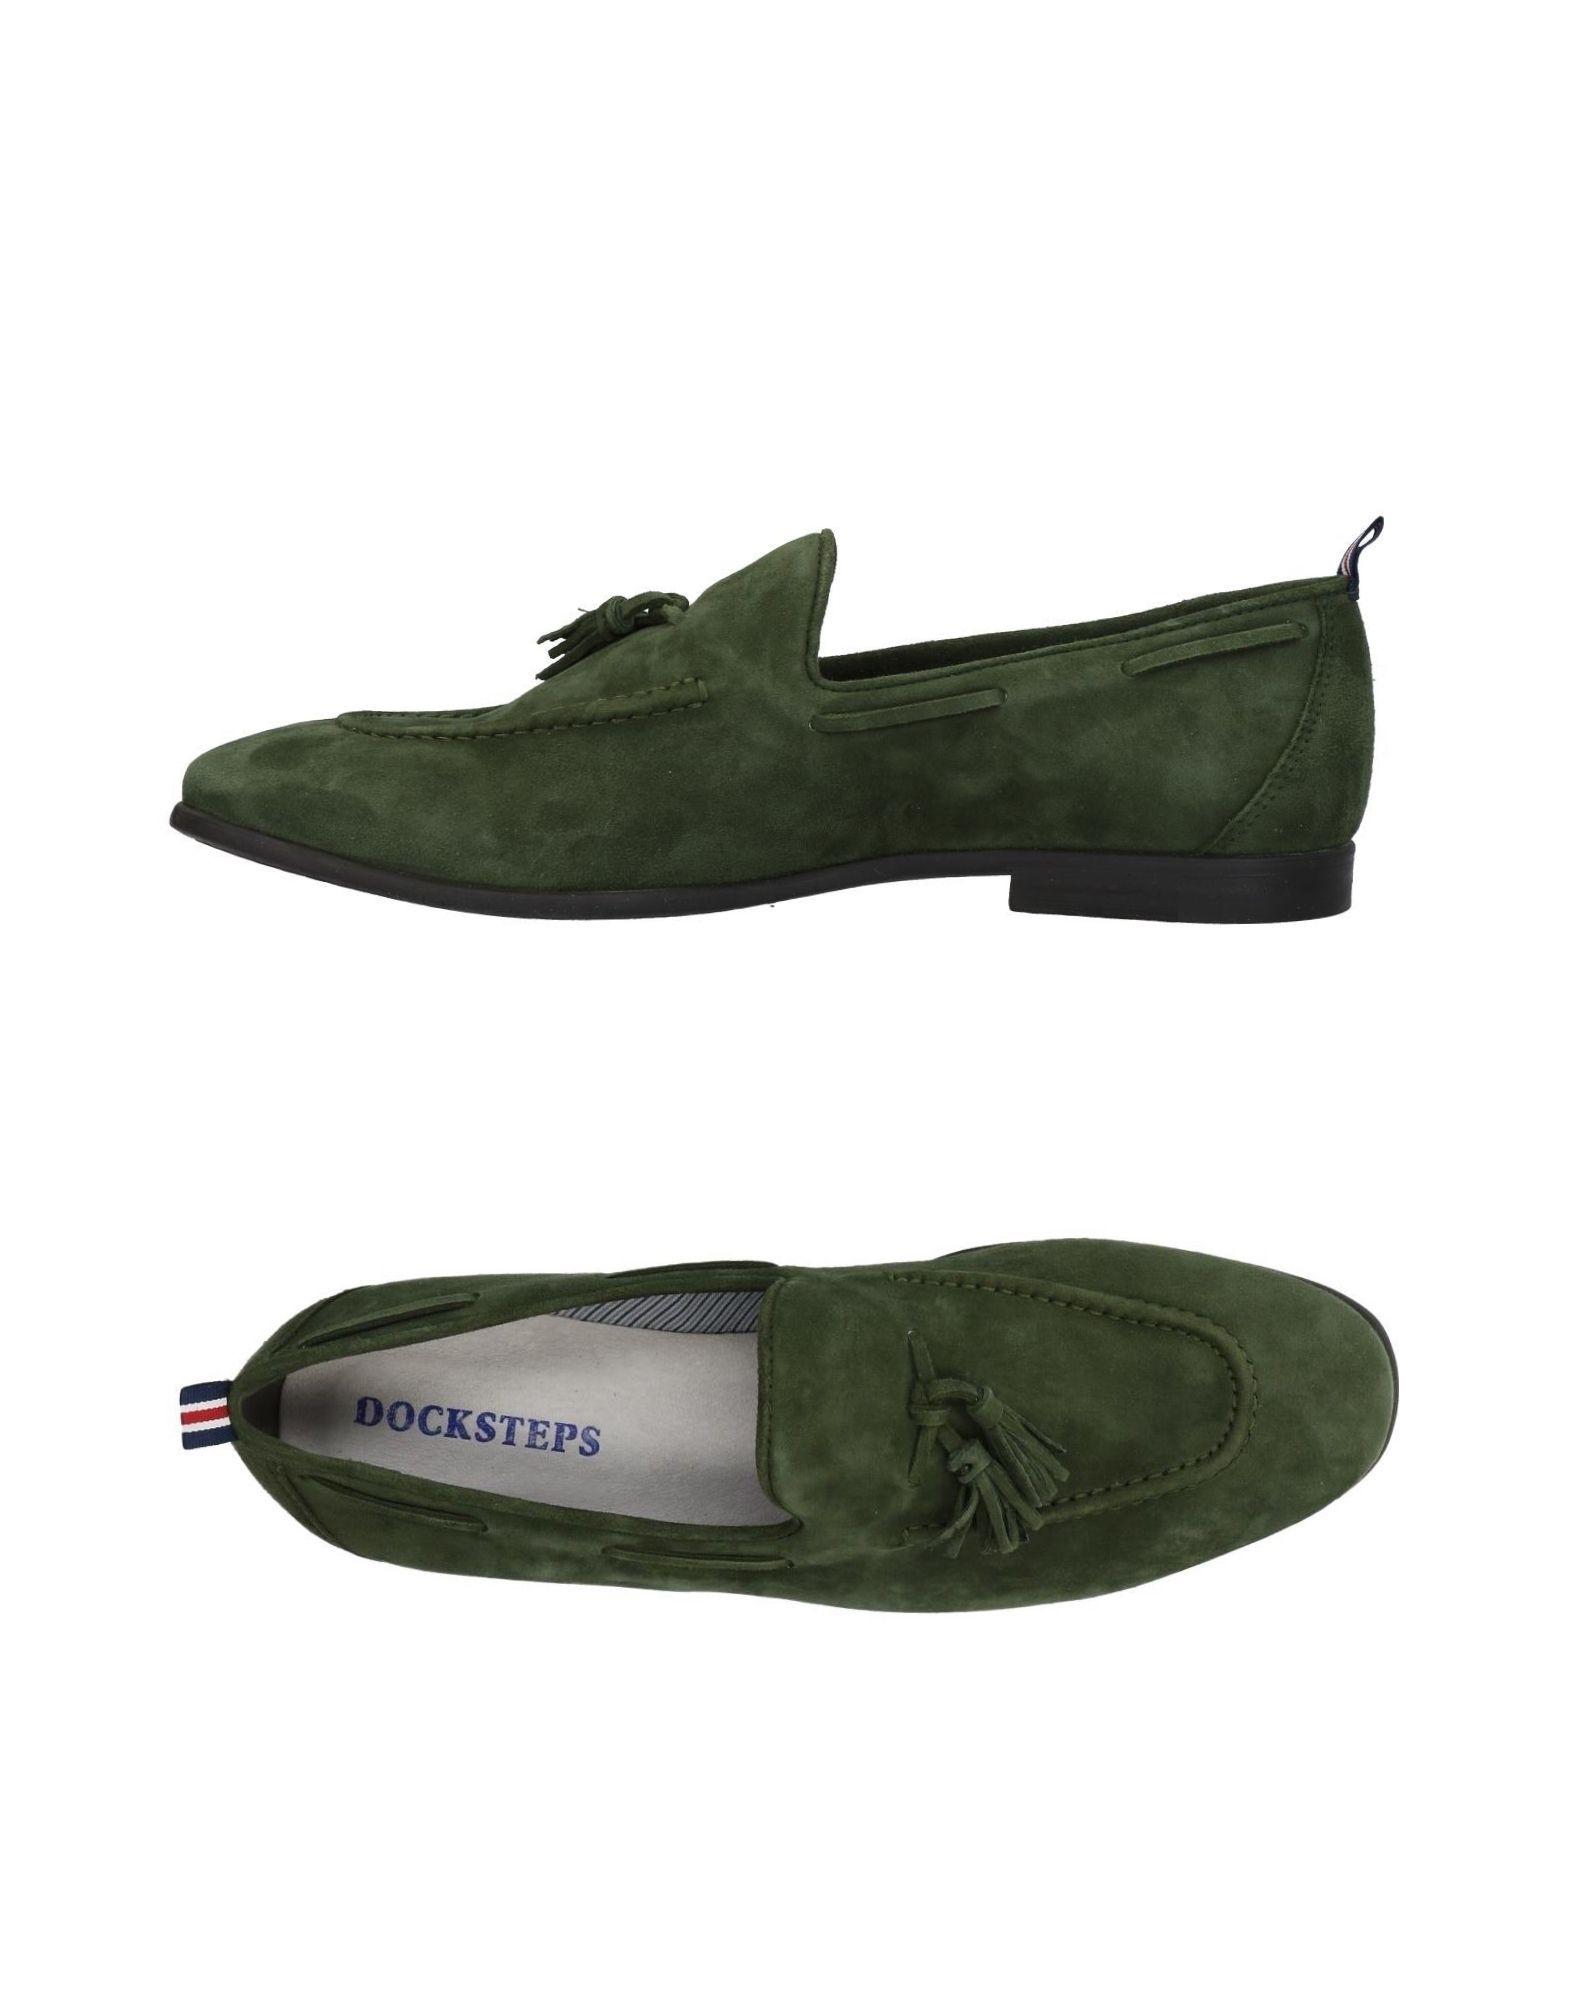 купить сандалии мужские в интернет магазине недорого